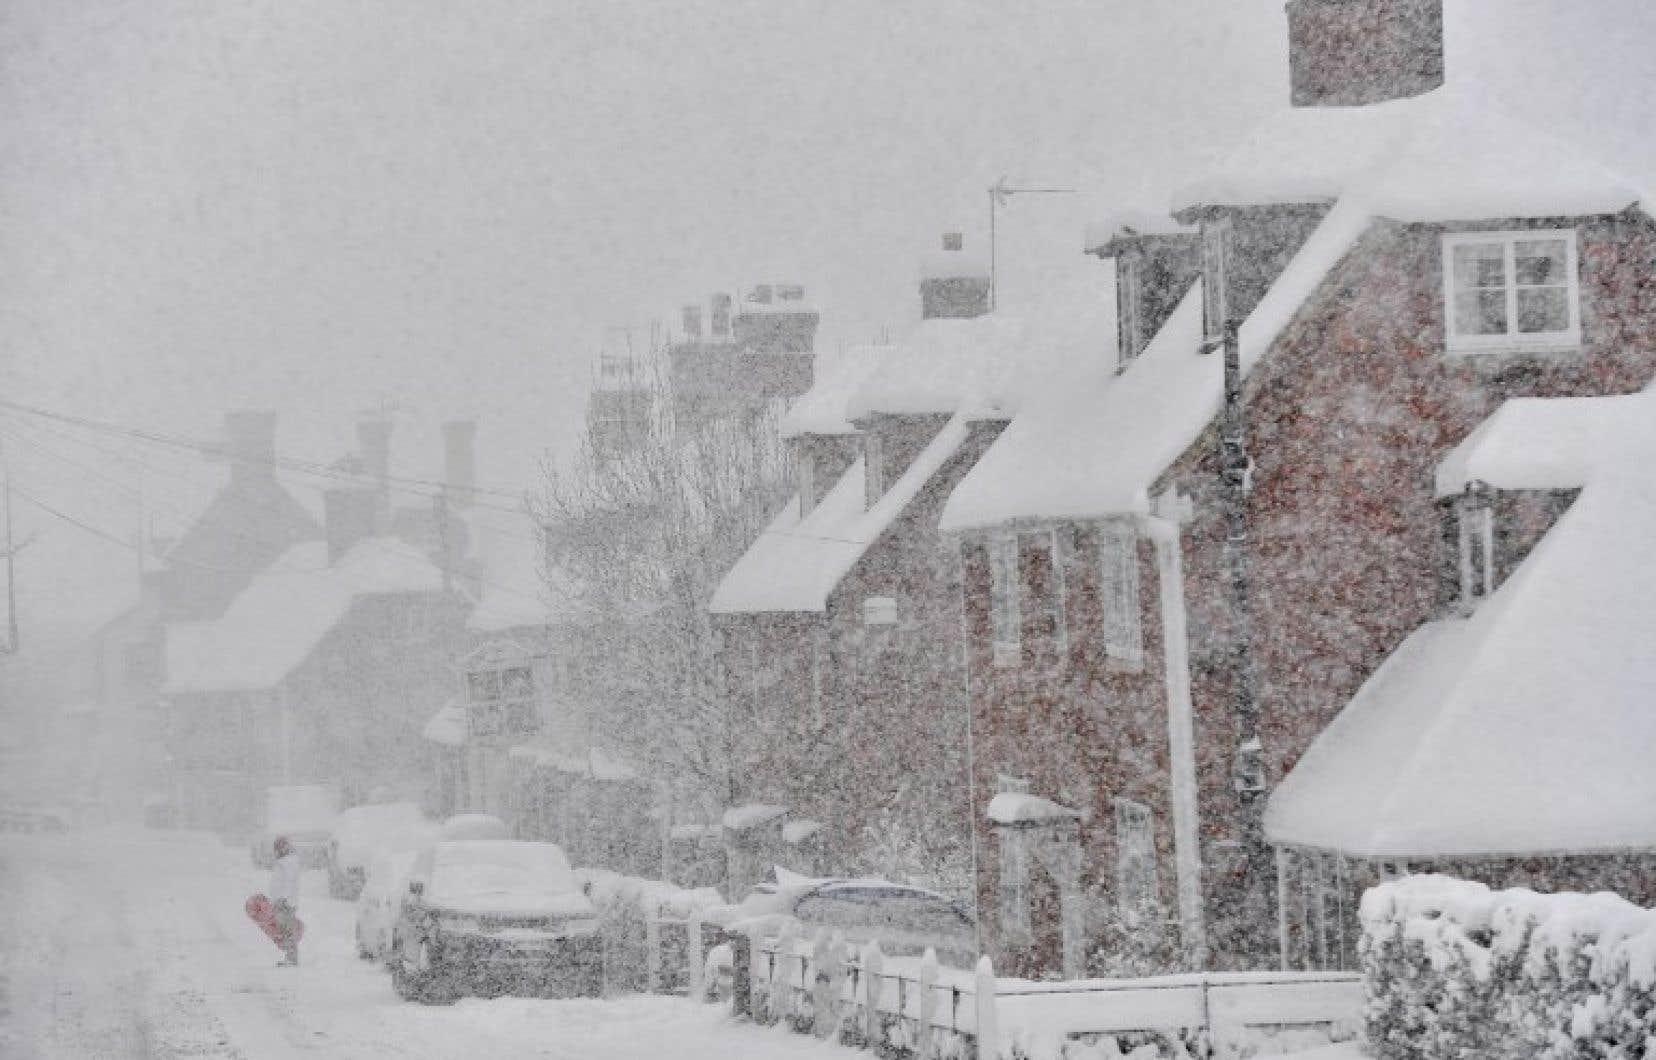 Au Royaume-Uni, 5 à 10cm de neige étaient attendus par endroits.